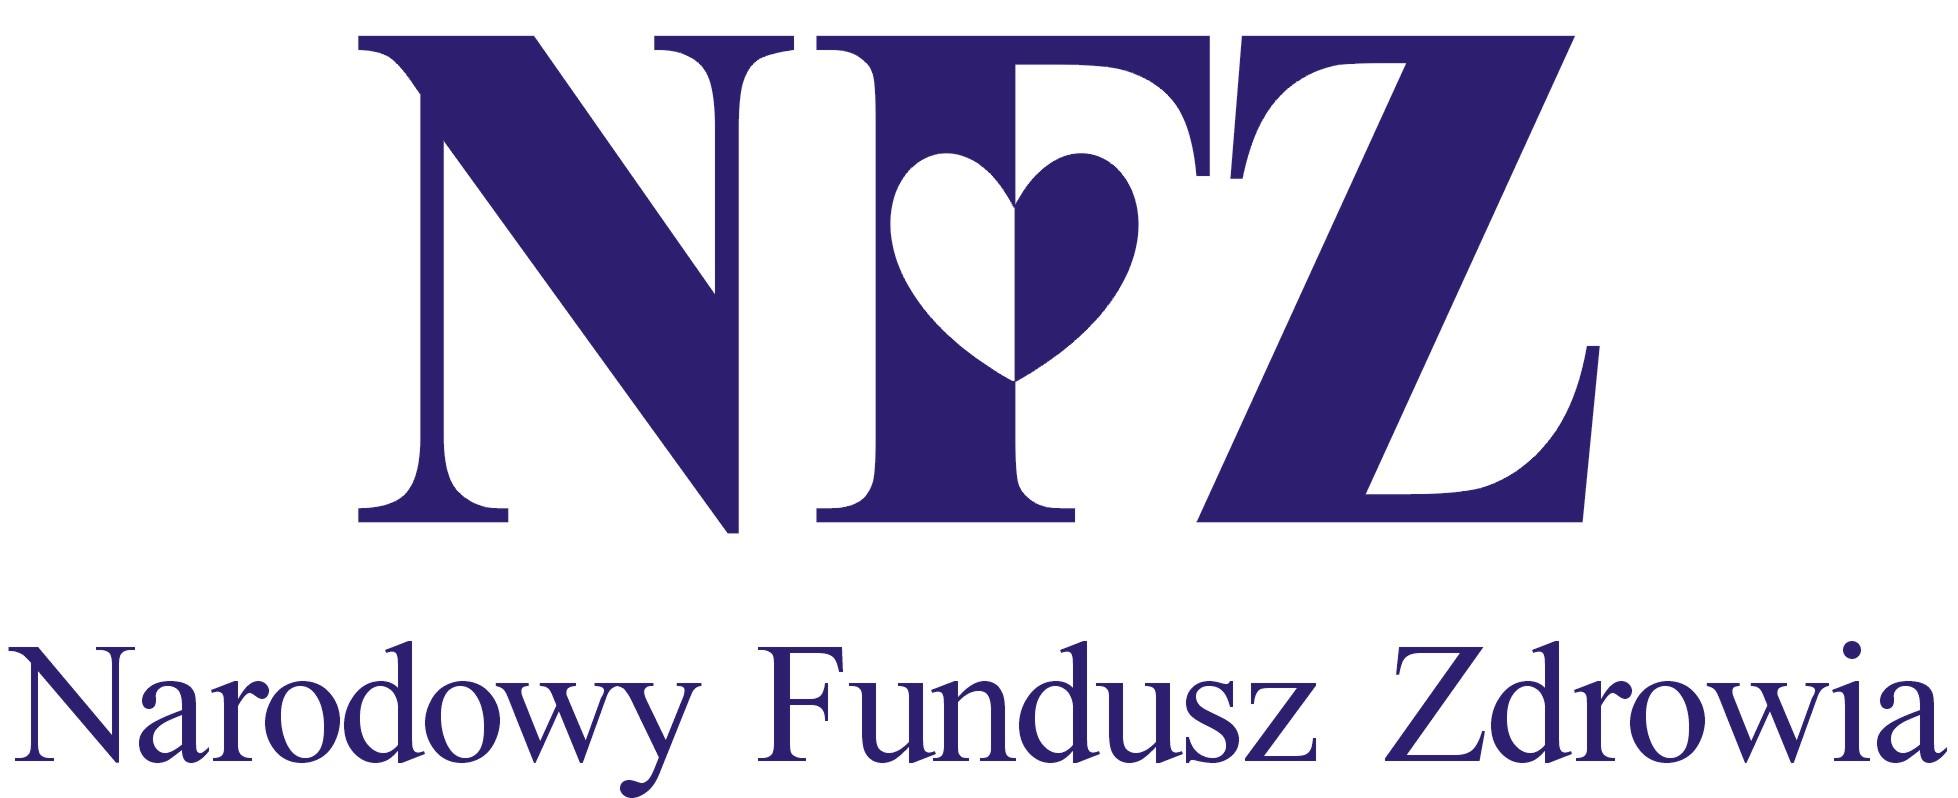 Obrazek przedstawia logo Narodowego Funduszu Zdrowia. Są to Granatowe litery N F Z na białym tle. Na literze  F  znajduje się serduszko granatowo białe.  Na dole granatowy napis Narodowy Fundusz Zdrowia.